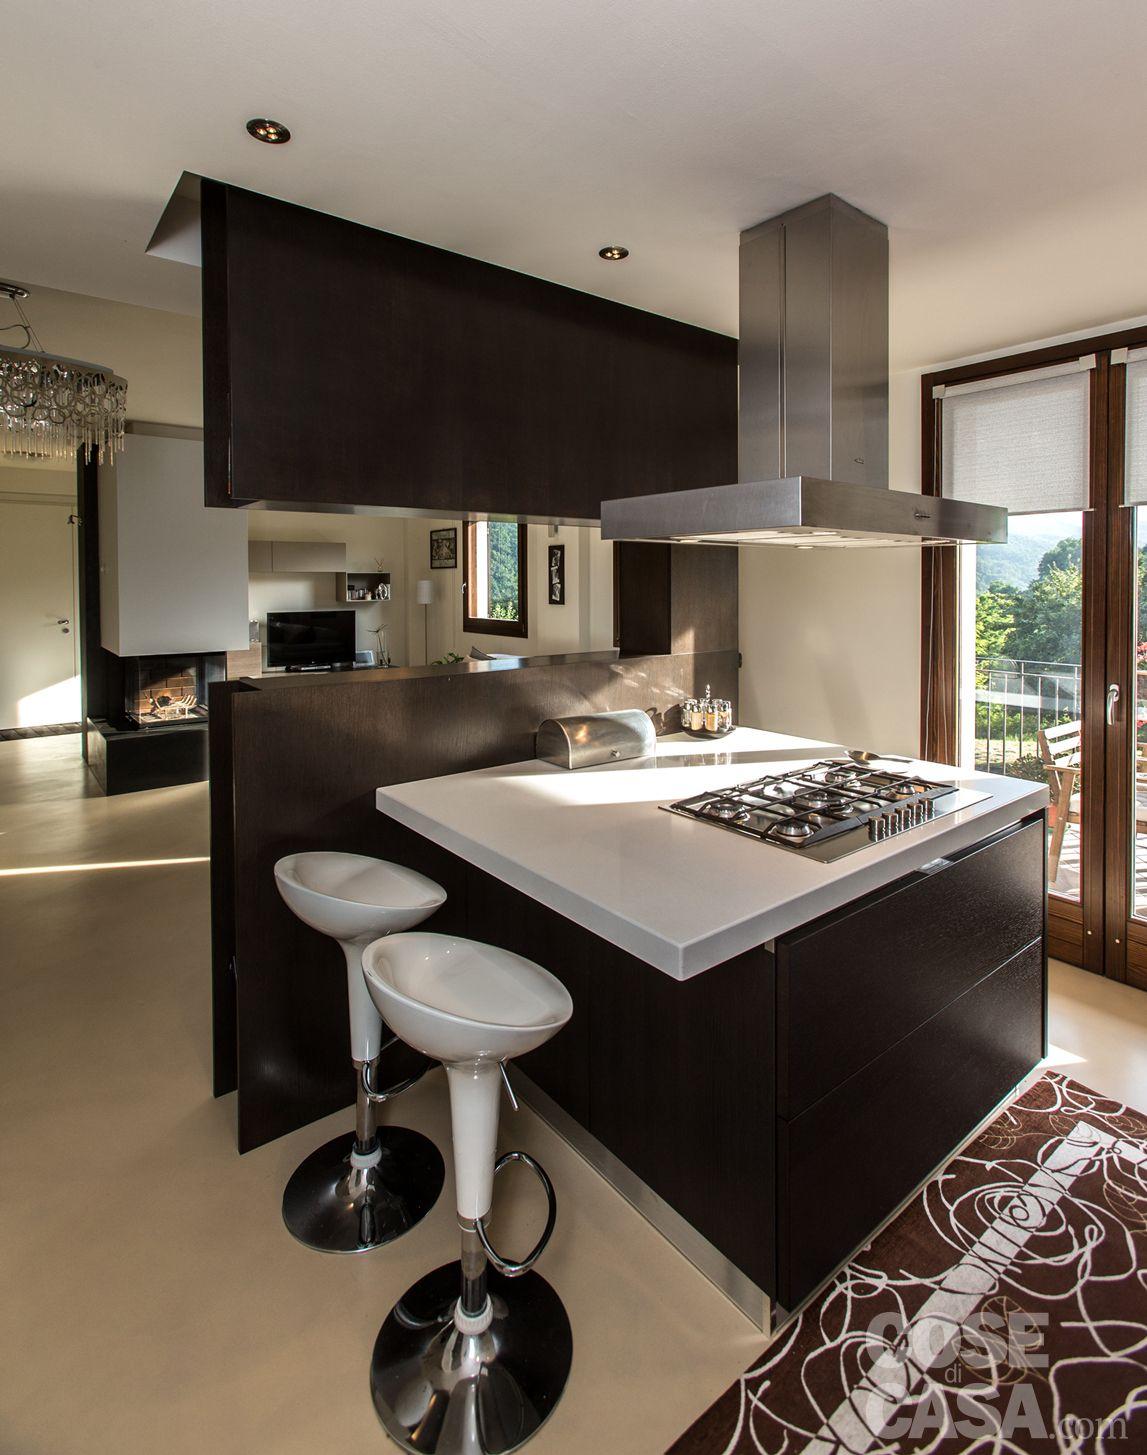 La cucina dal design minimalista, che si sviluppa lungo tutta una ...